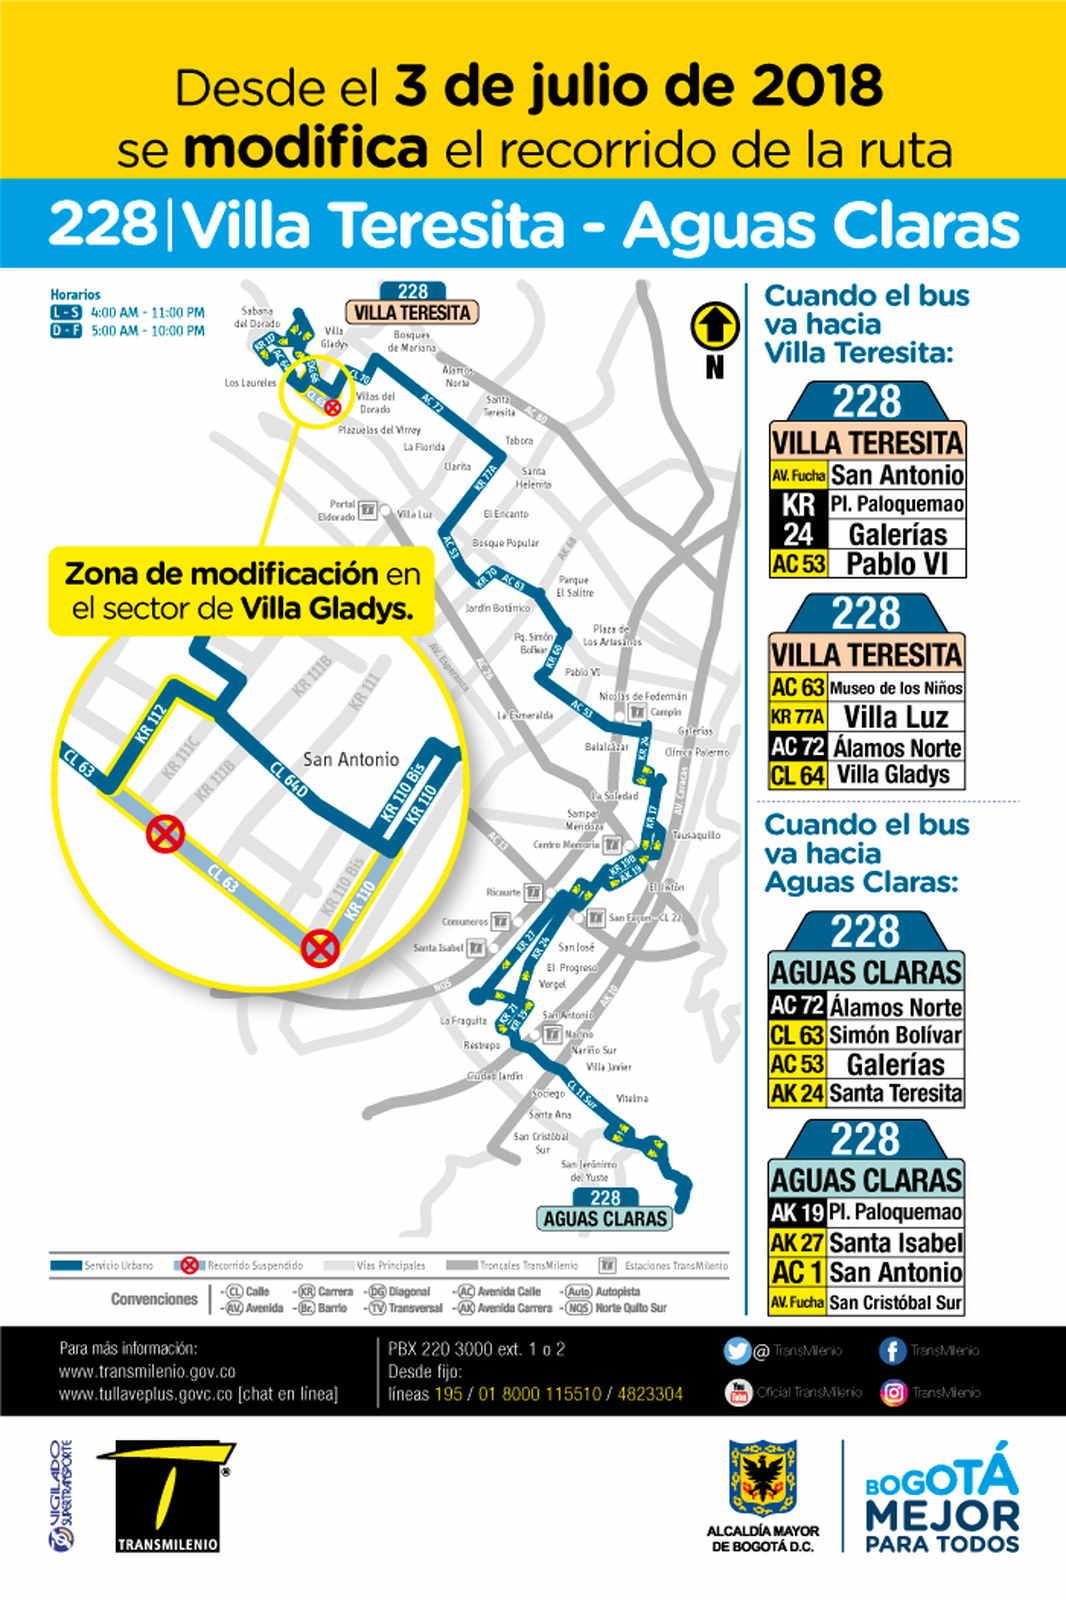 Volante informativo de los cambios temporales en la urbana en su recorrido: 228 Aguas Claras - Villa Teresita